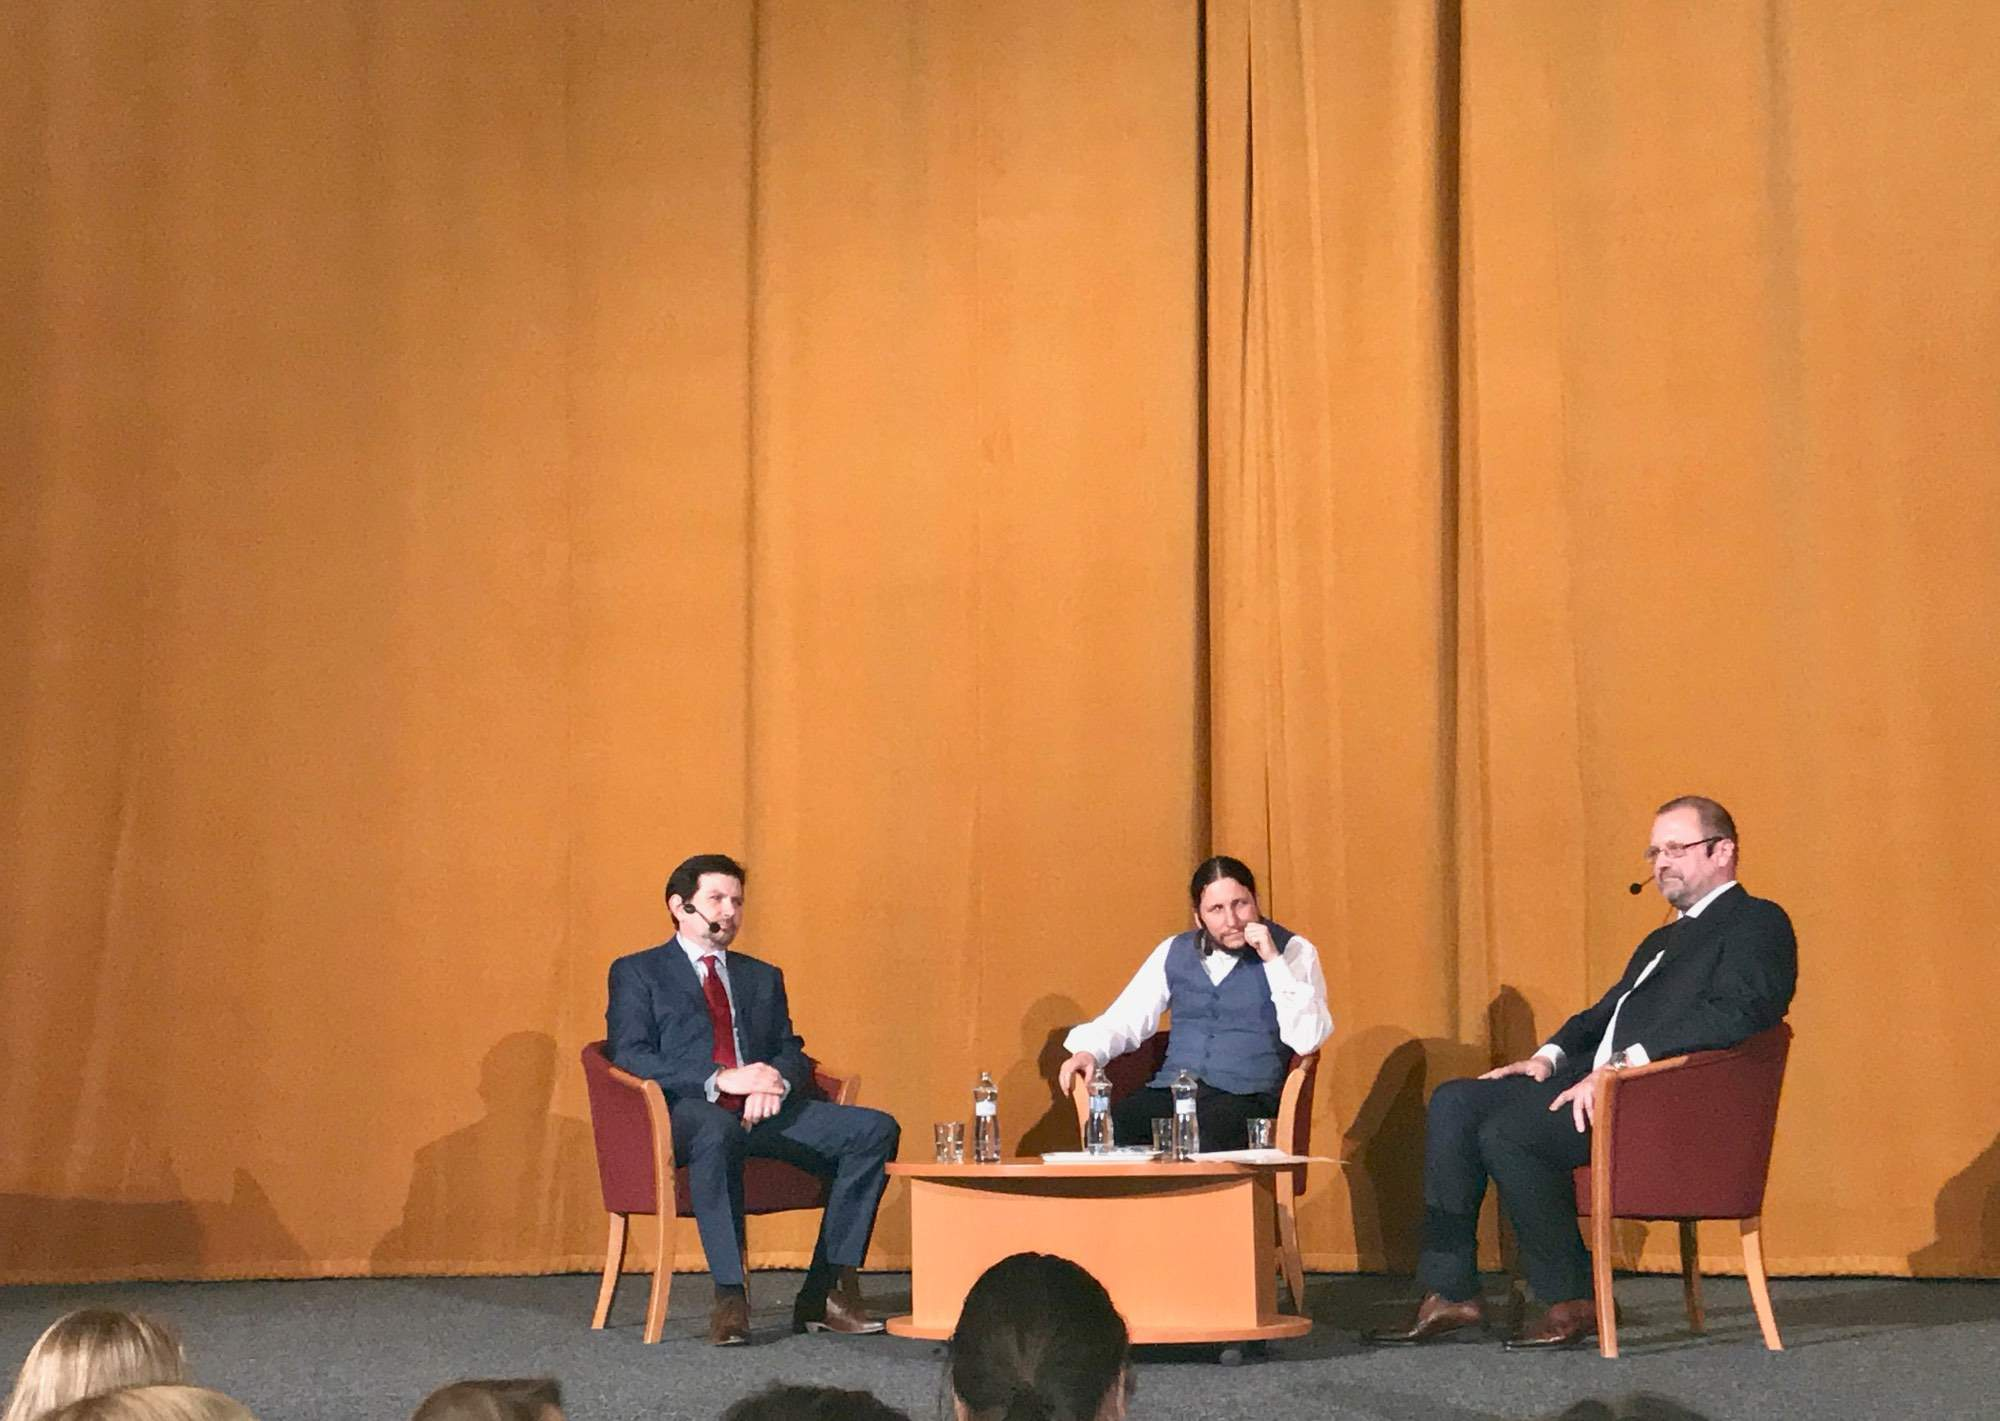 Účastníci debaty (zleva Martin Beneš, Ivan Foletti, Jaromír Leichmann). Foto: Vendula Kocandová